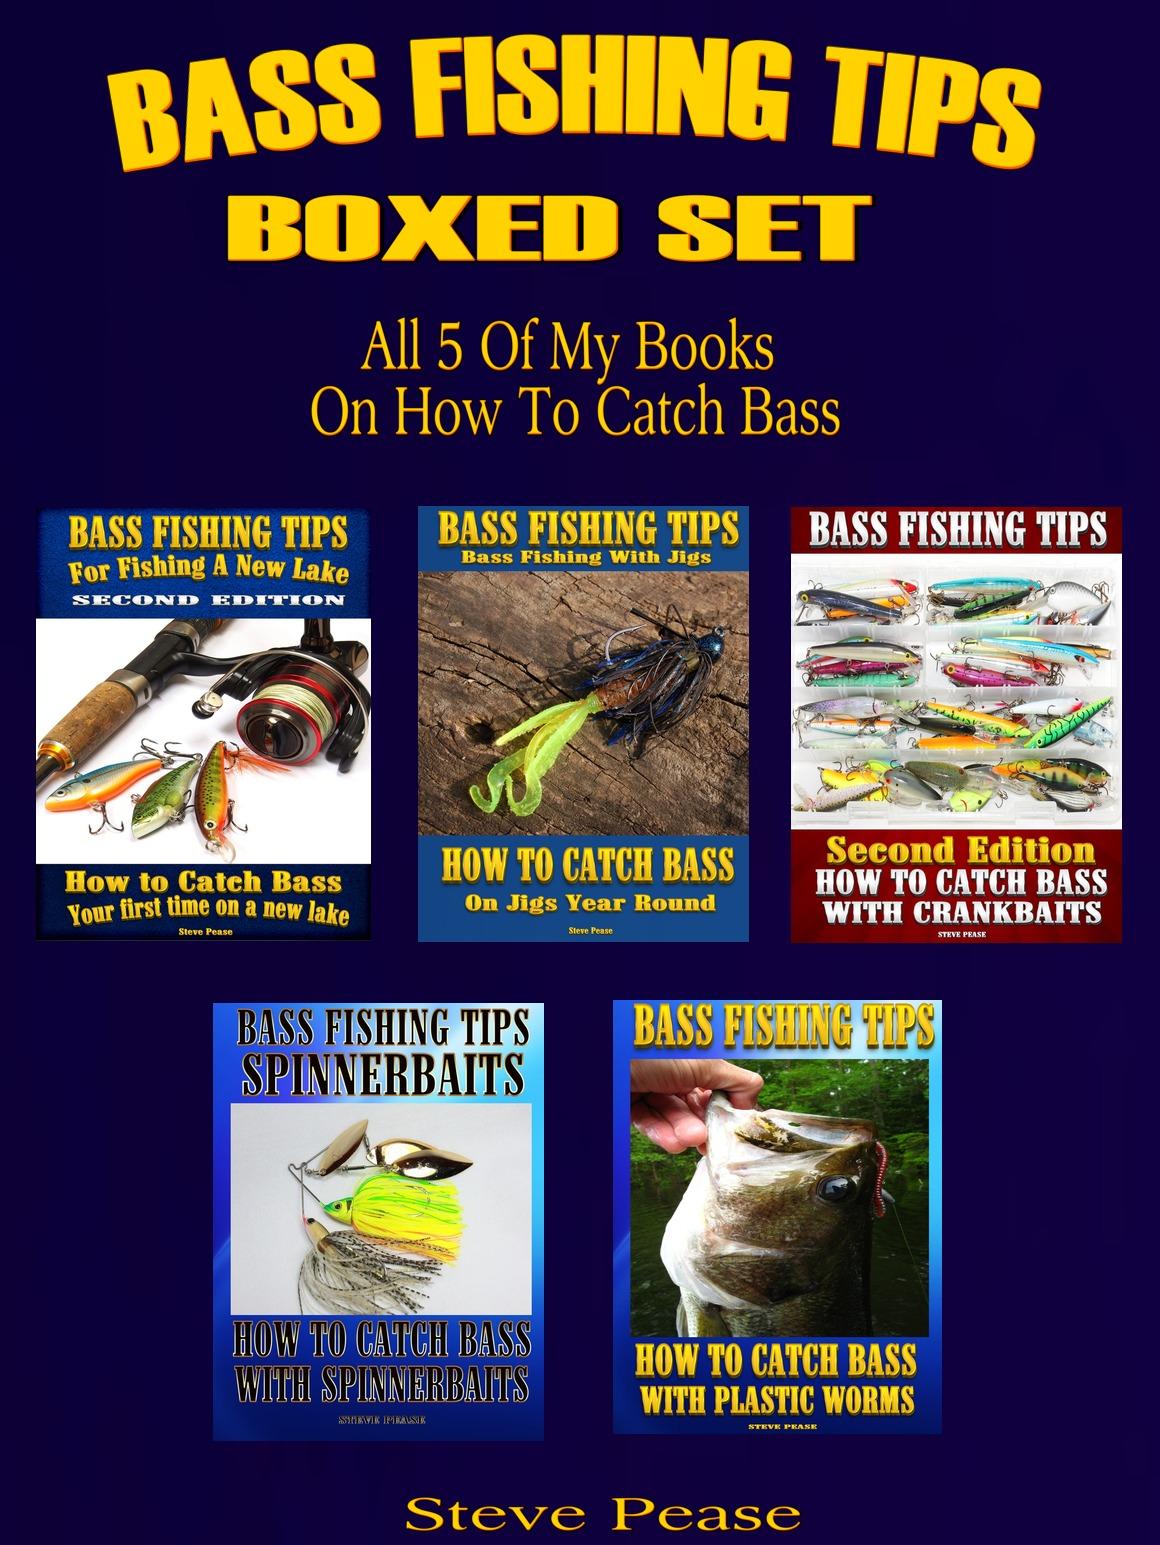 BASS FISHING BOX SET